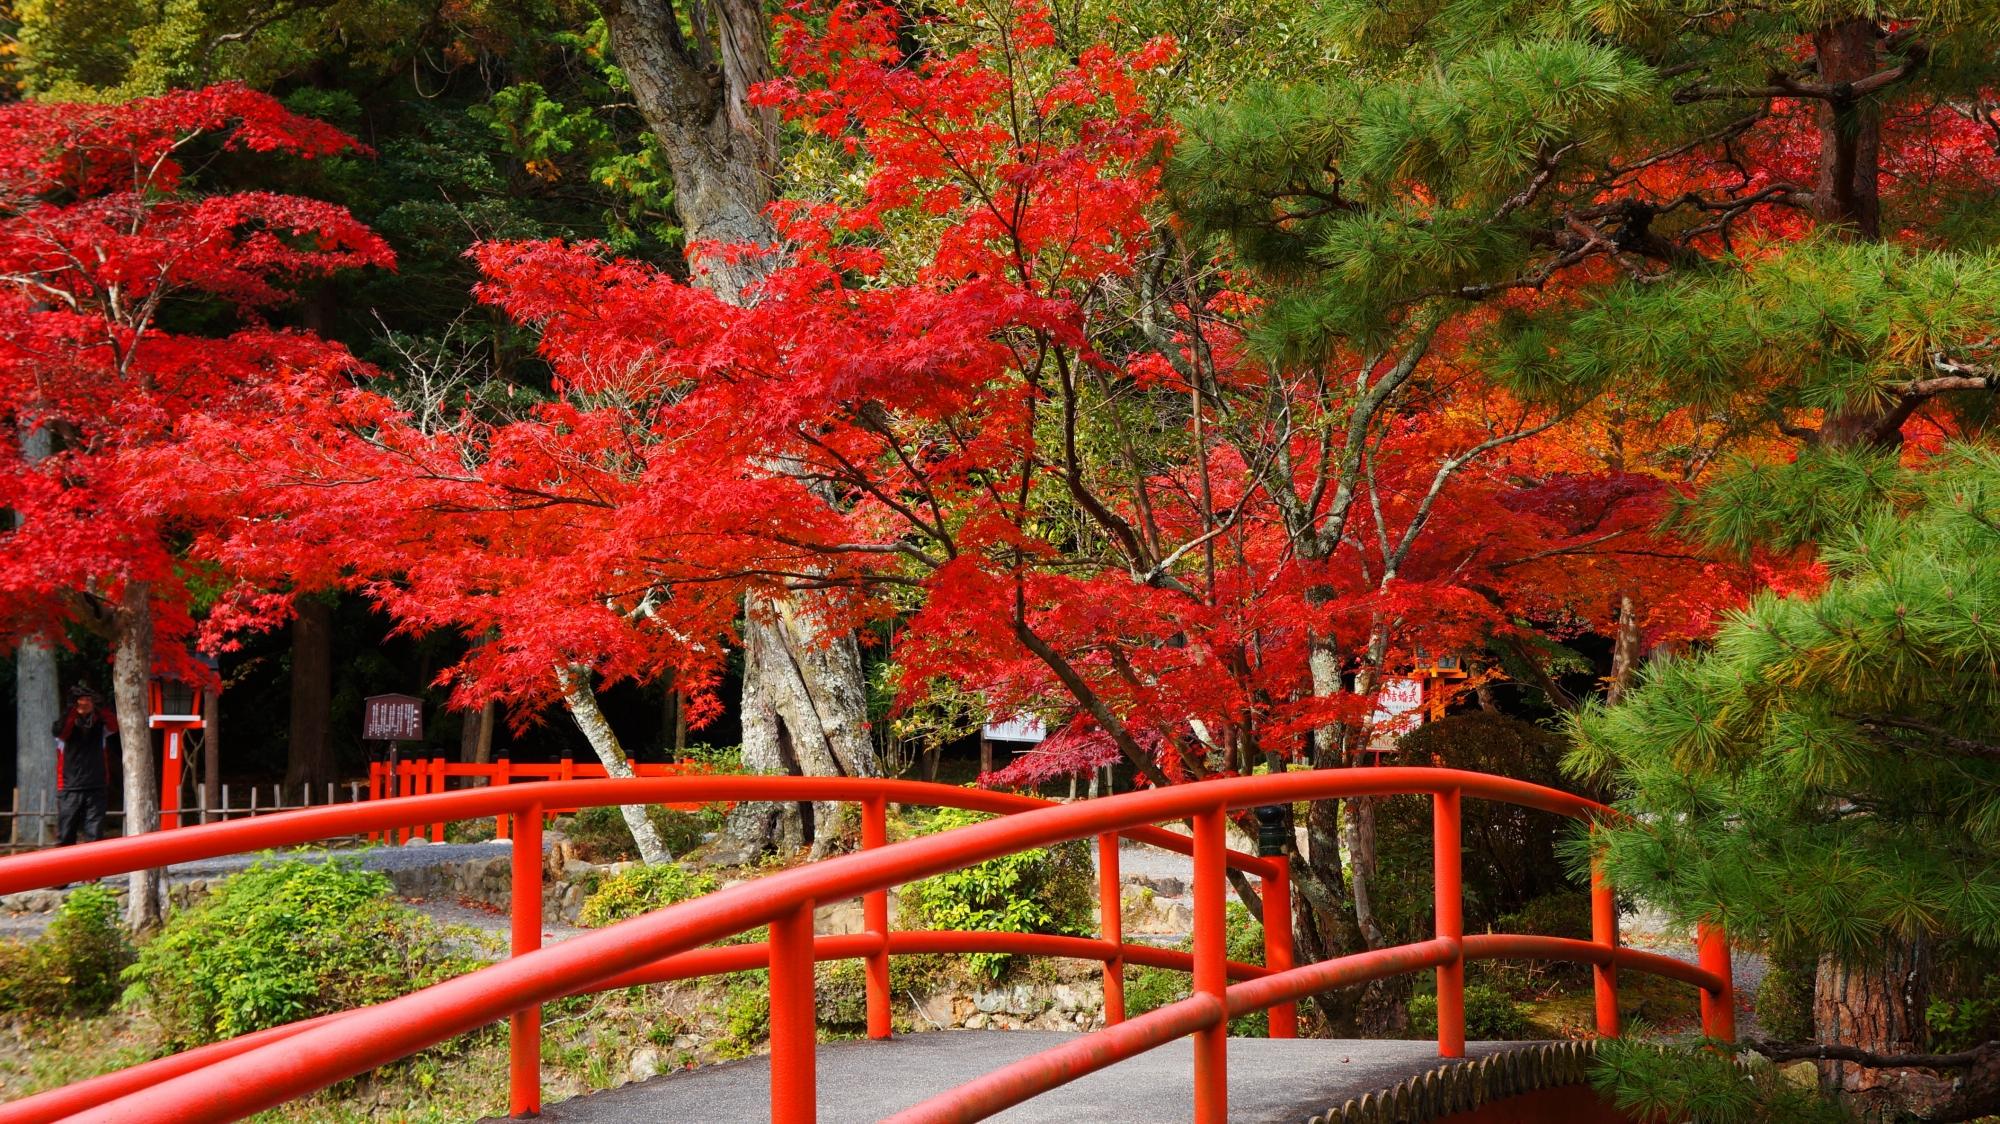 鯉沢の池の赤い橋と華やぐ赤い紅葉